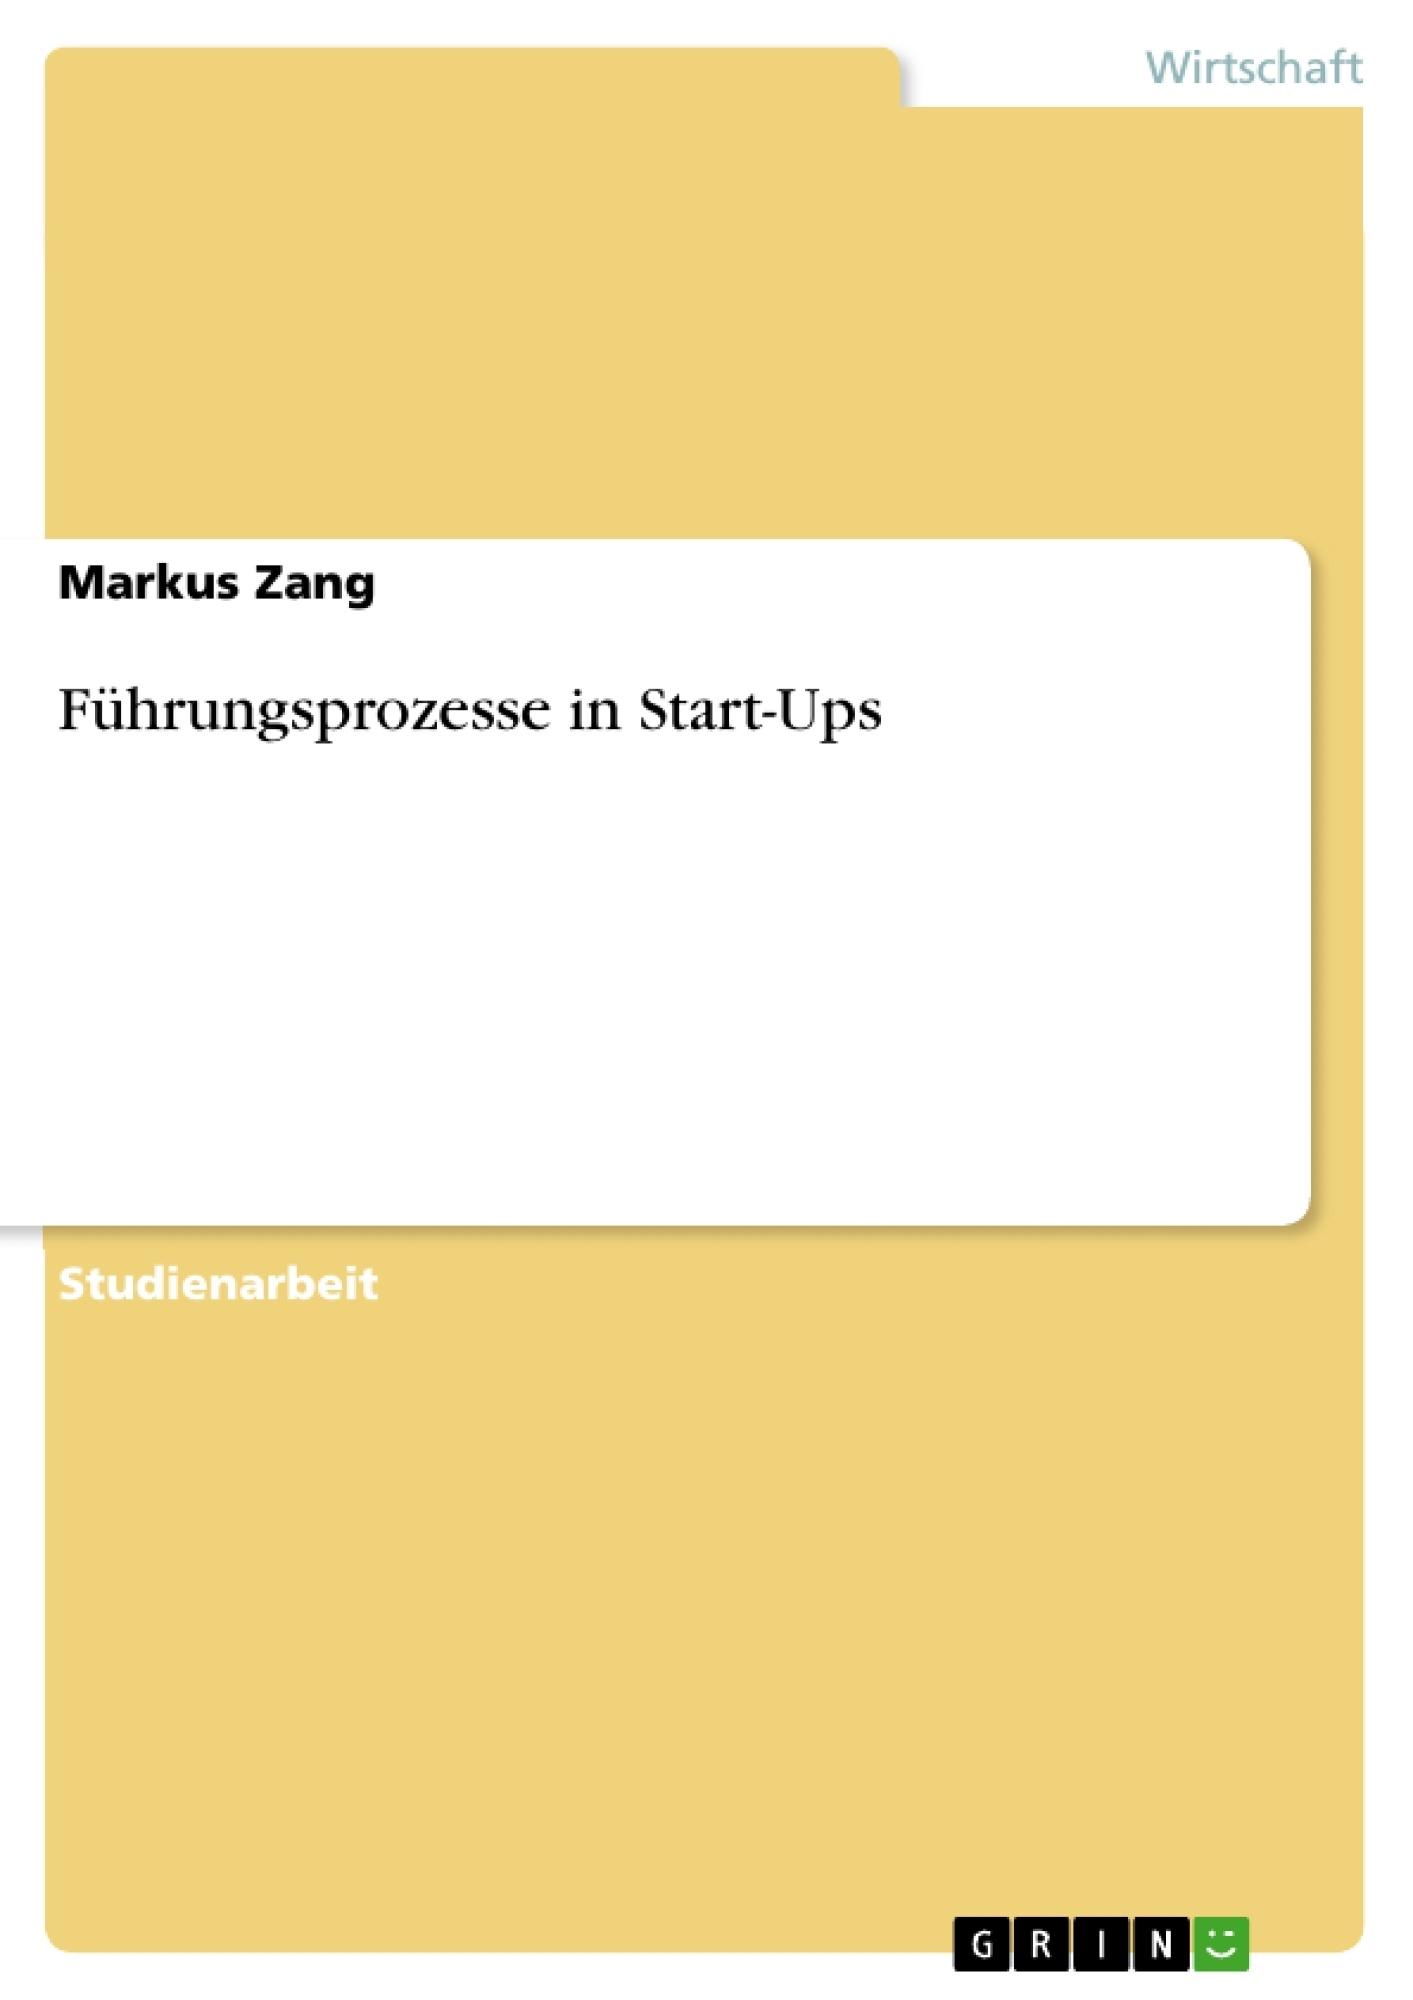 Titel: Führungsprozesse in Start-Ups